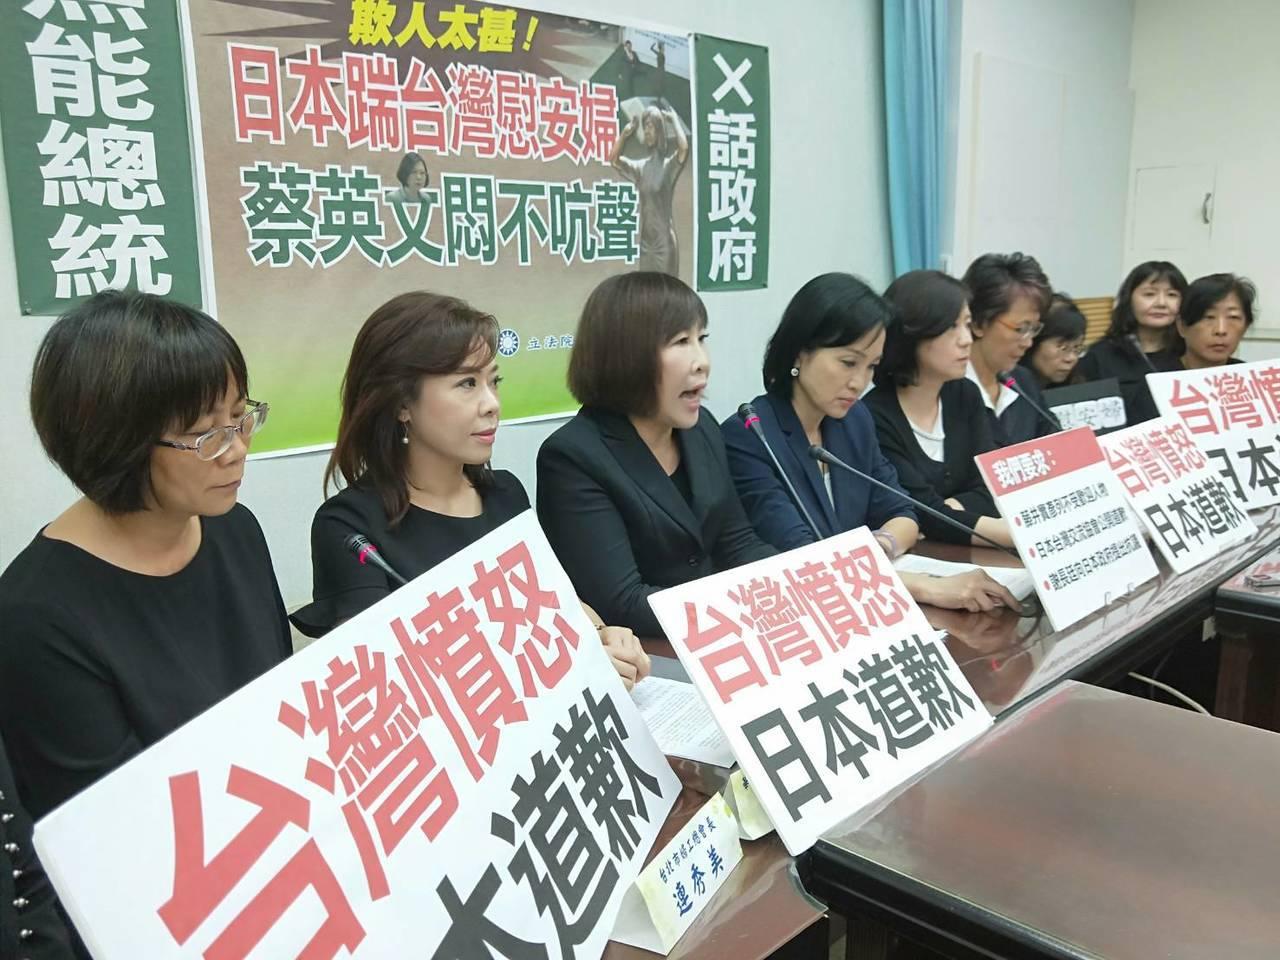 國民黨團舉行「欺人太甚!日本踹台慰安婦 蔡英文悶不吭聲」。圖/國民黨團提供